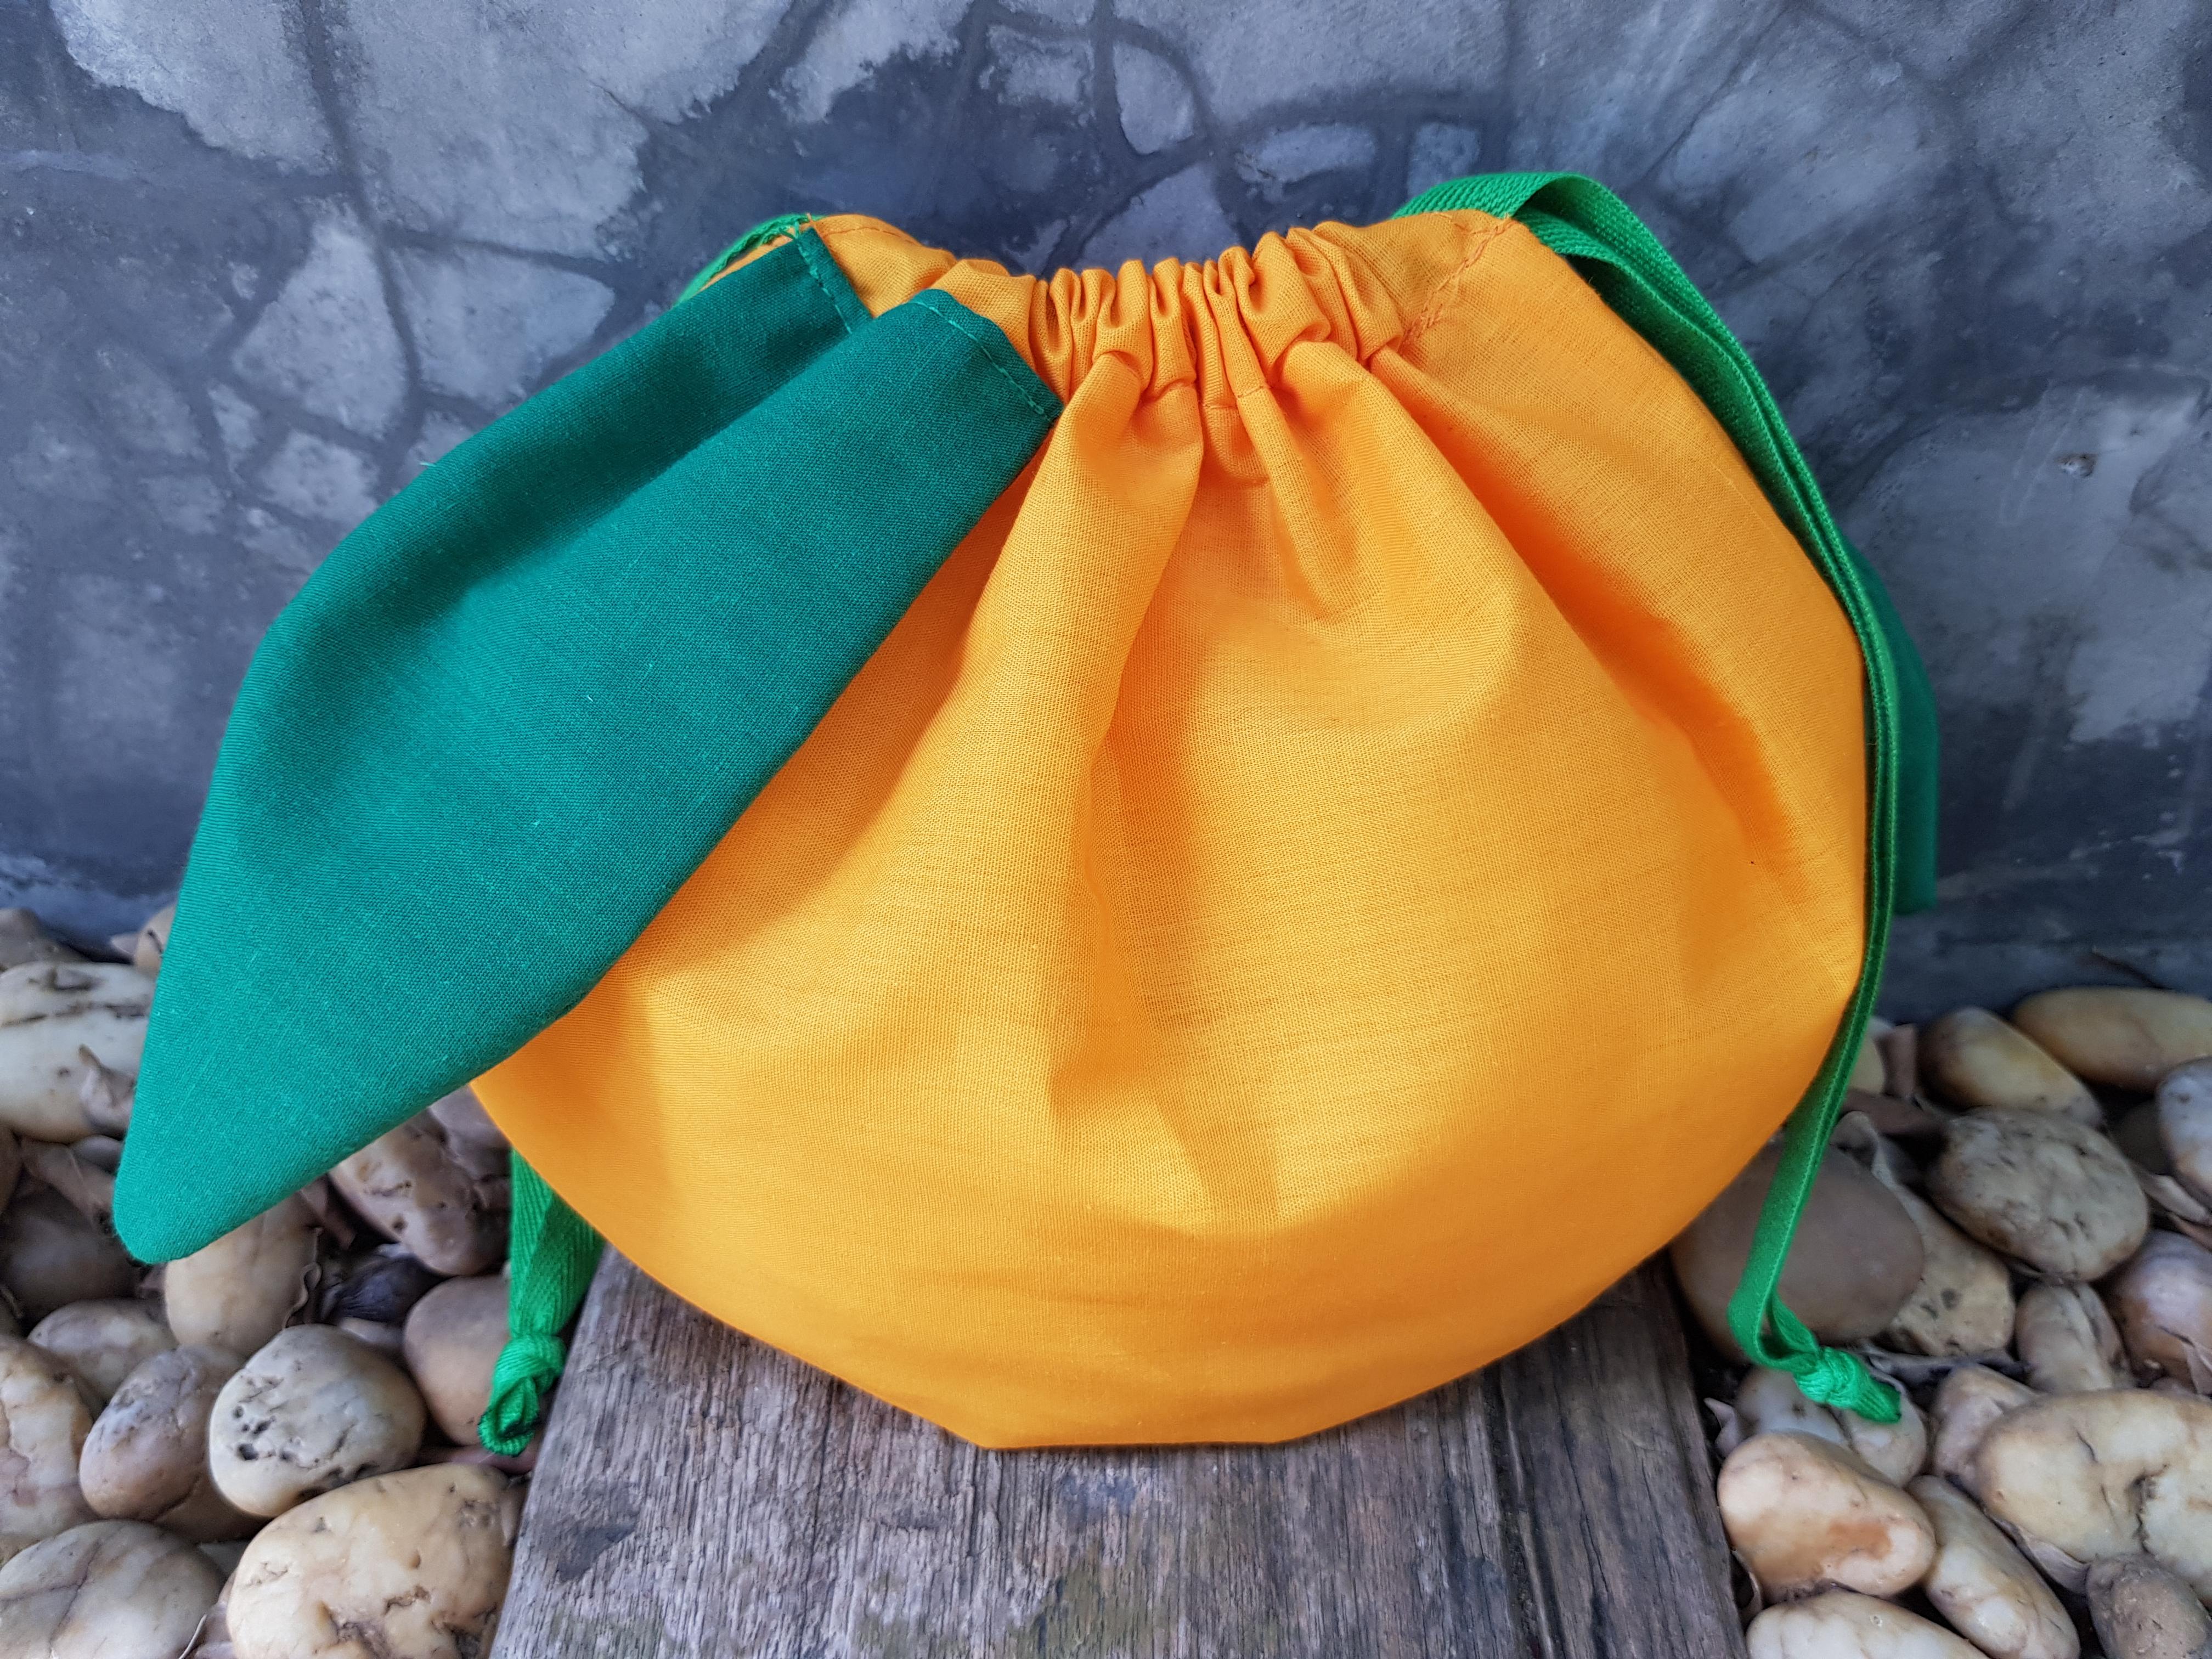 ถุงผ้า, สำเร็จรูป, พร้อมส่ง, ถุงผ้าดิบ, น่ารัก, ถุงหูรูด, สตอเบอรี่, แครอท, สับปะรด, ผ้าฝ้าย, พิมพ์ลาย, งานเย็บประณีต, สีหวาน, สีสดใส, ขนาดเล็ก, ขนาดใหญ่กว่า เอ 4, หีบห่อ, ของขวัญ, ของชำร่วย,  ขายส่ง, ลายน่ารัก, จาก baginlove.com